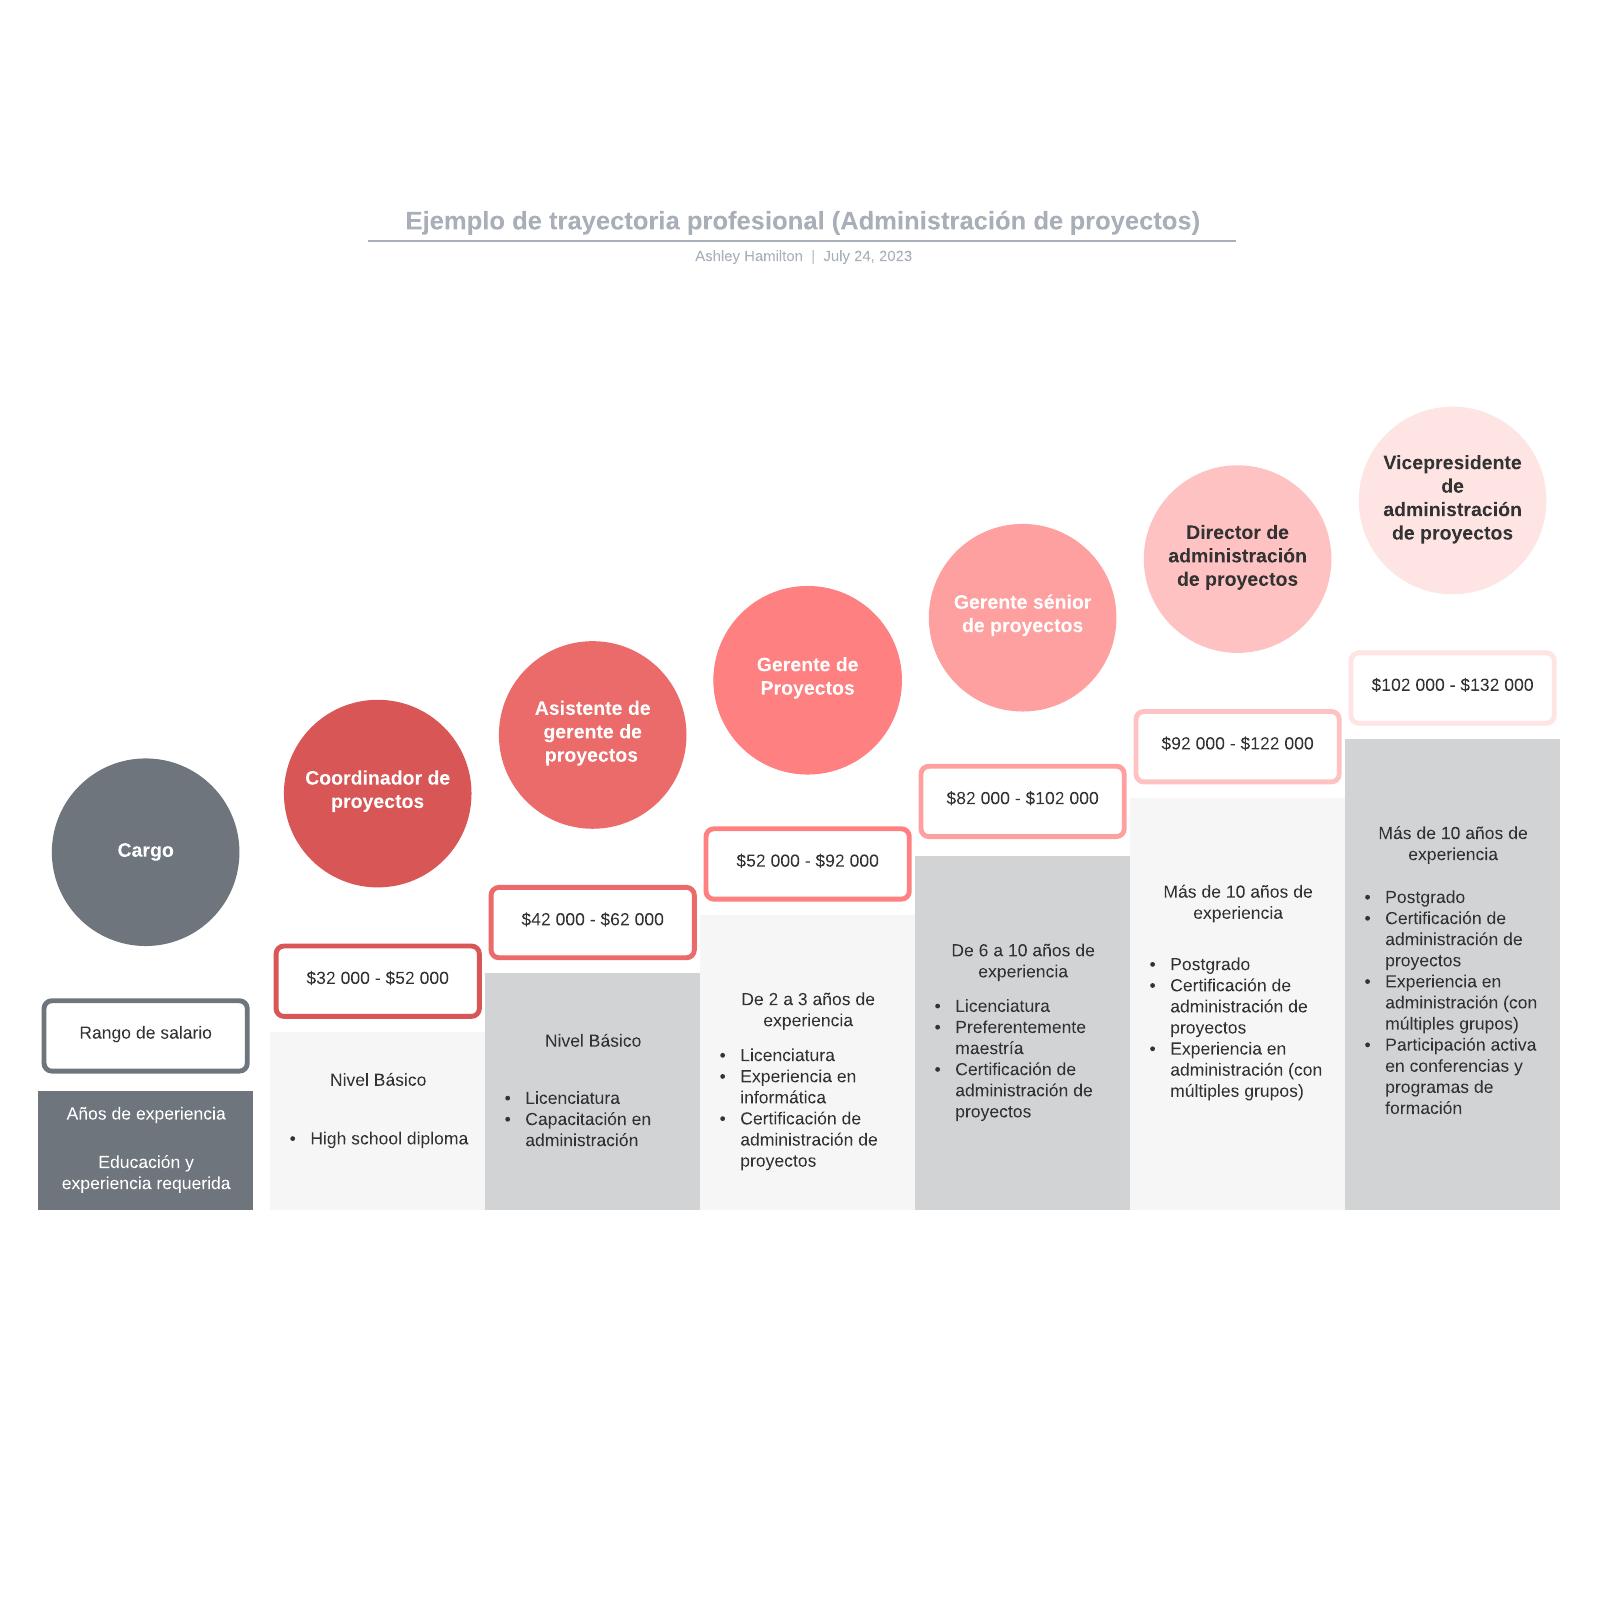 Ejemplo de trayectoria profesional (Administración de proyectos)